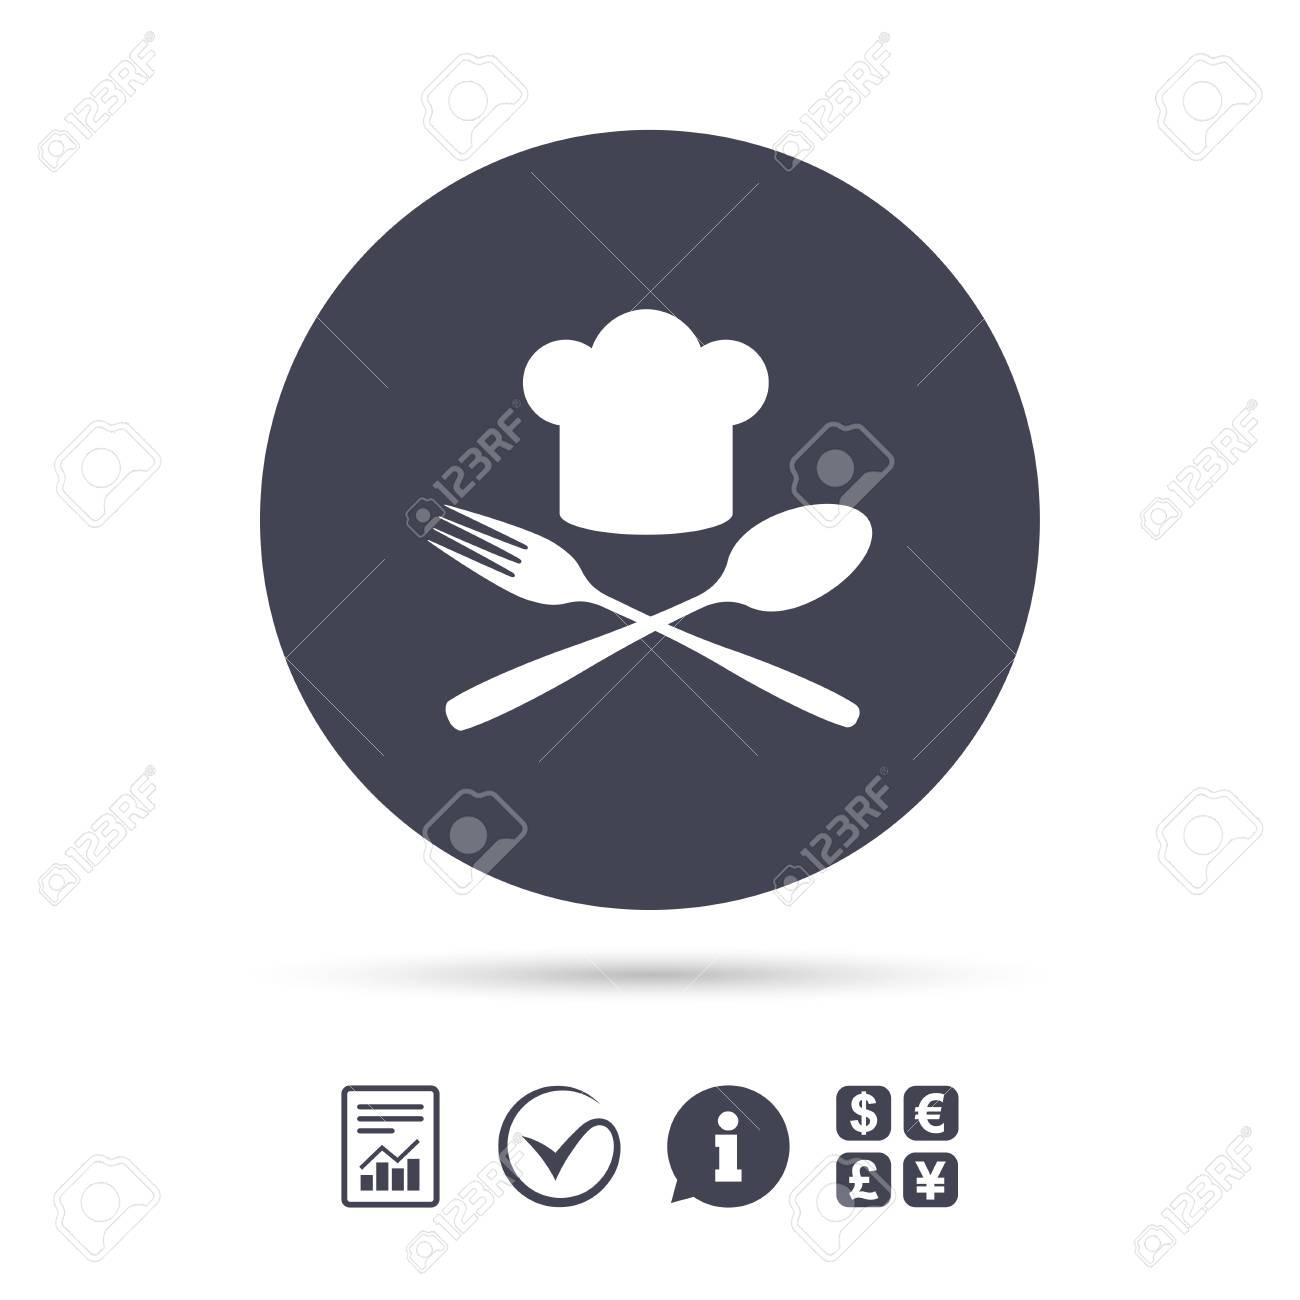 Icono De Signo De Sombrero De Chef. Símbolo De Cocina Cocinero ...